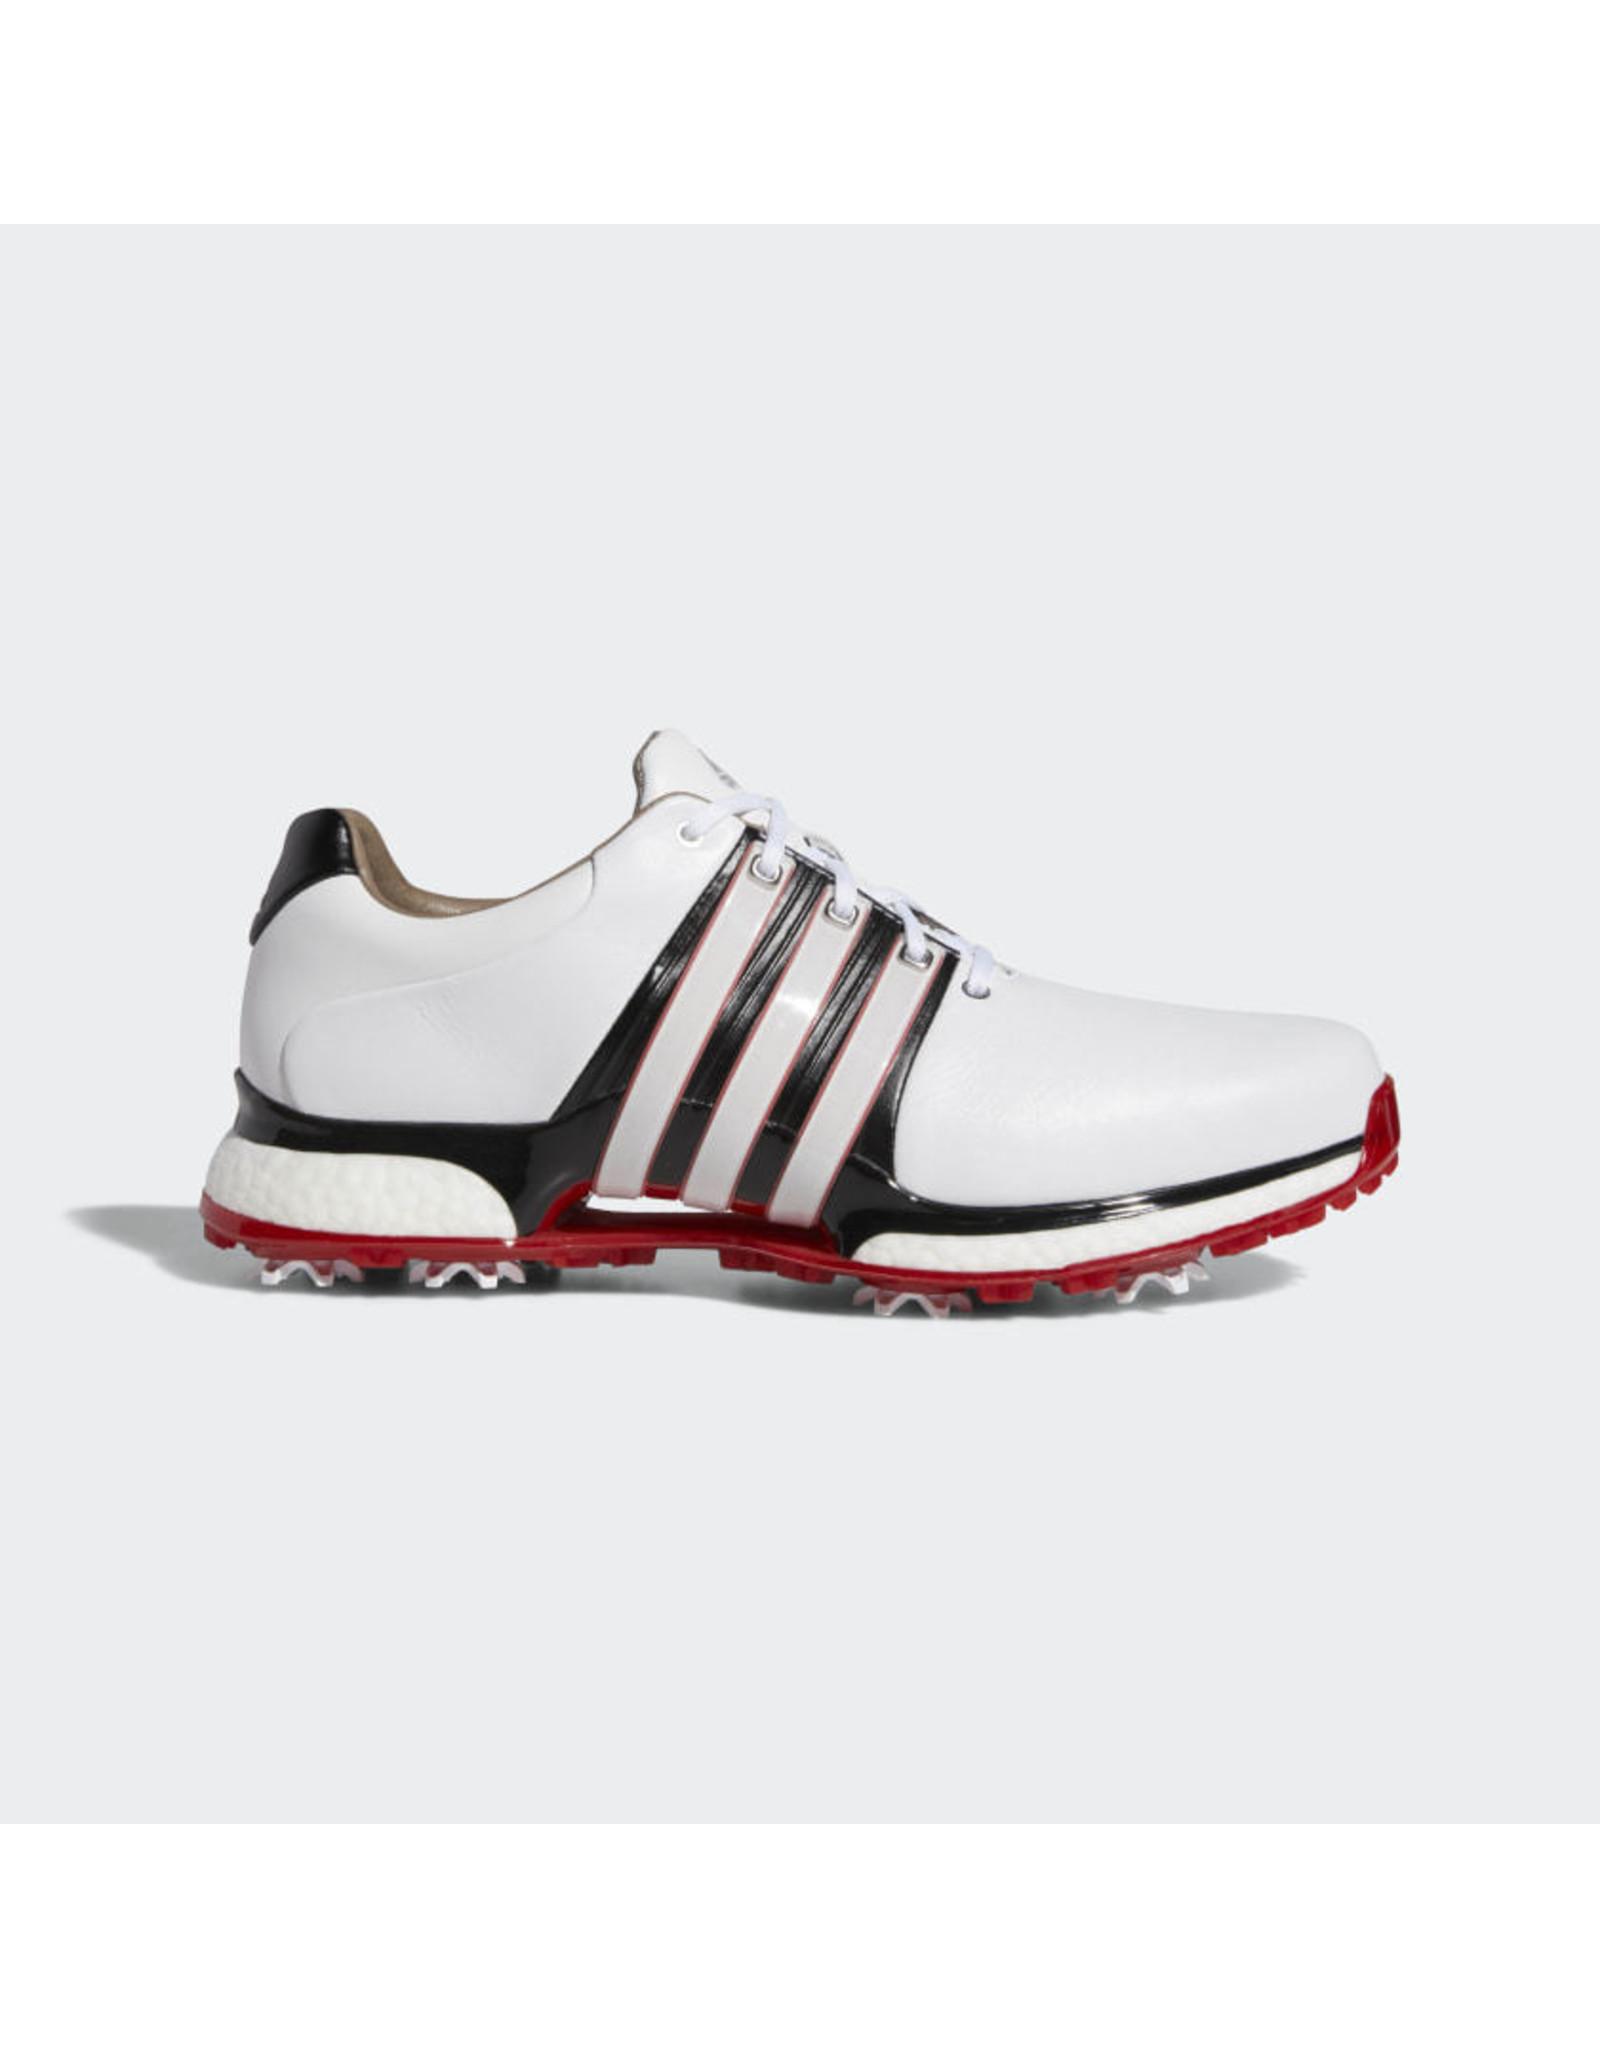 Adidas Adidas TOUR360 XT White/Red